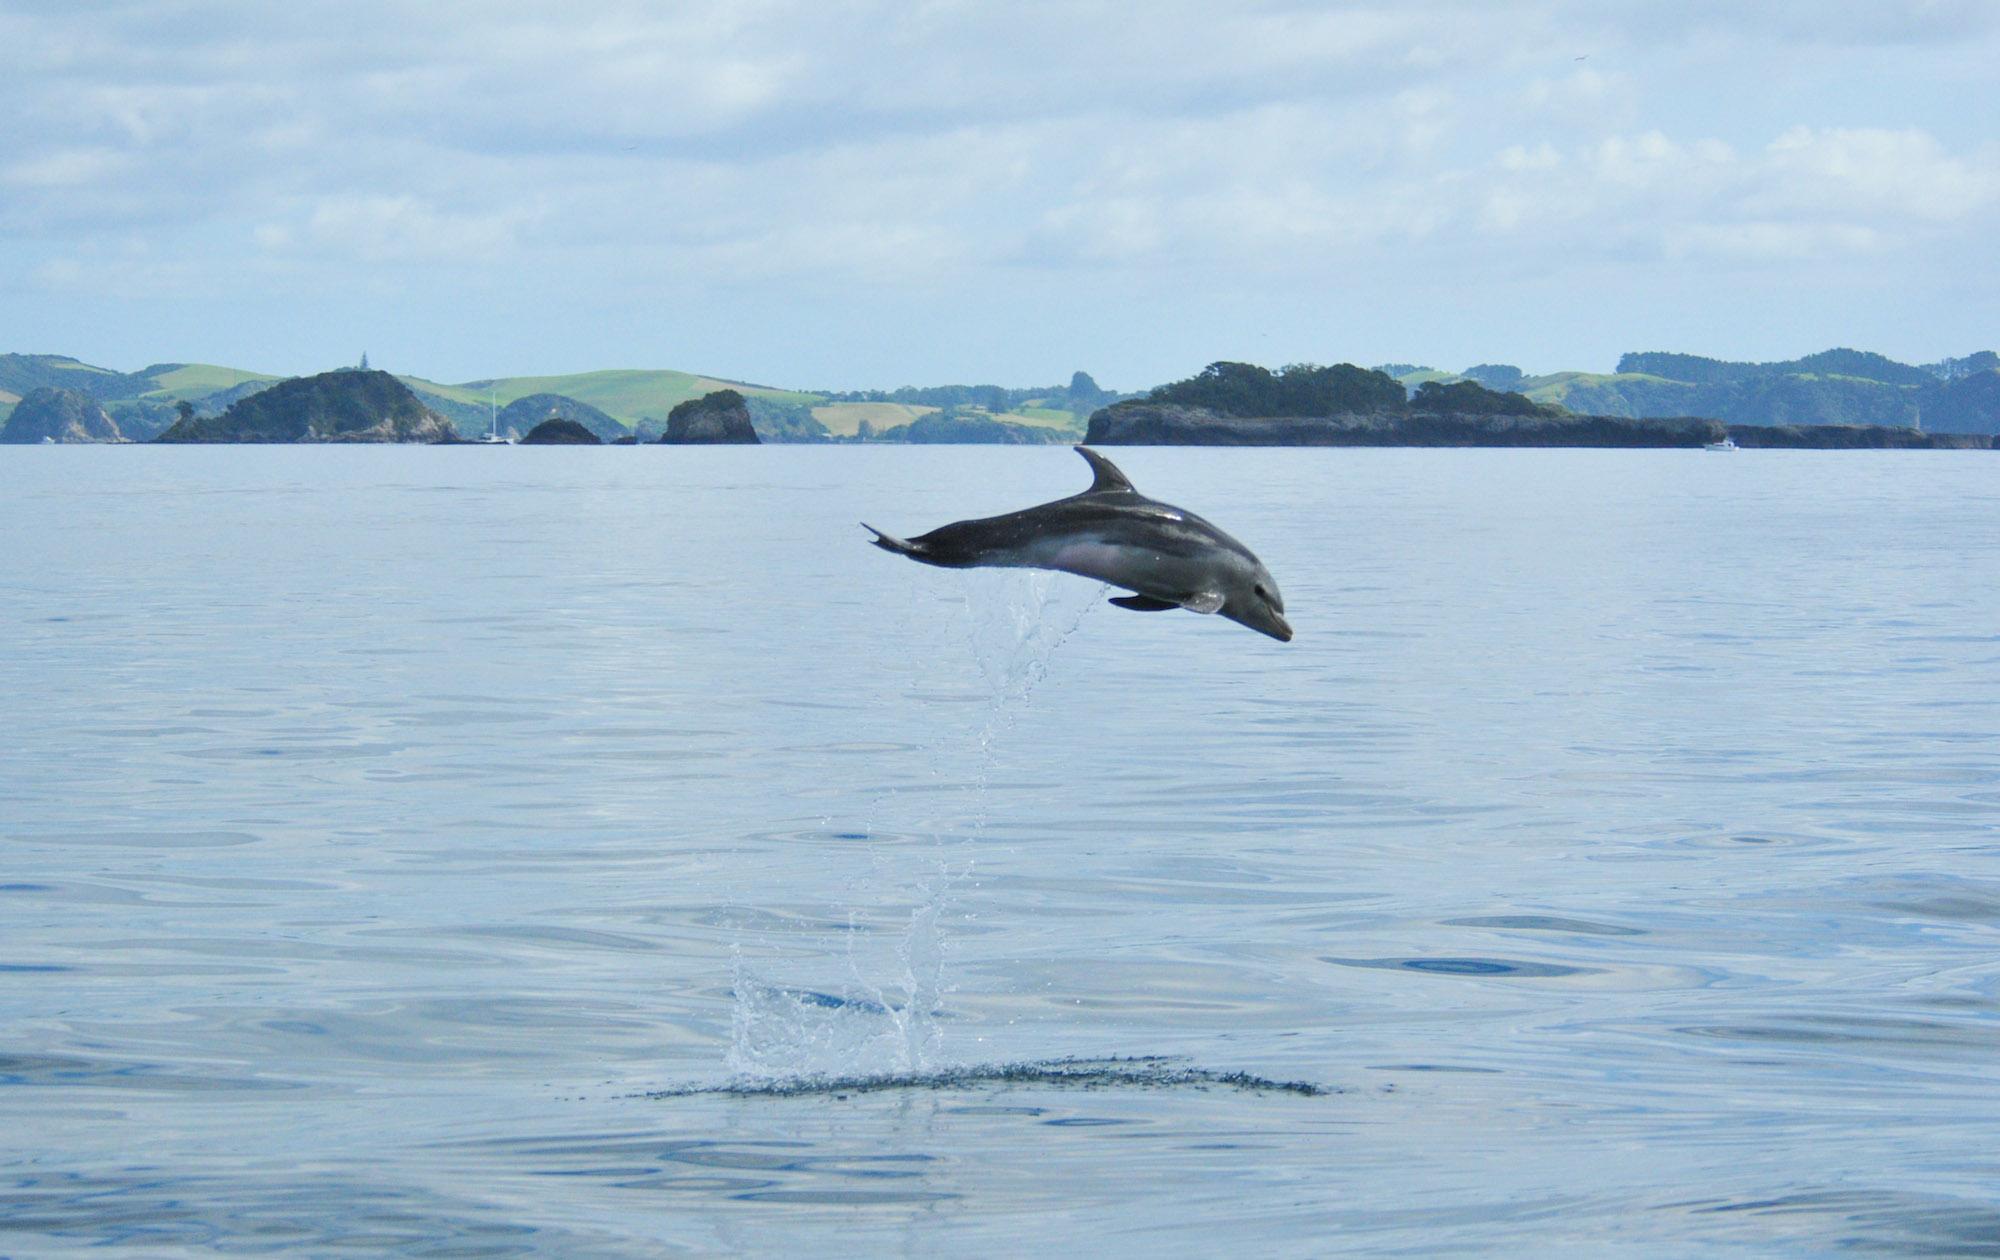 Dauphin - Deck hand catamaran - Nouvelle_Zelande